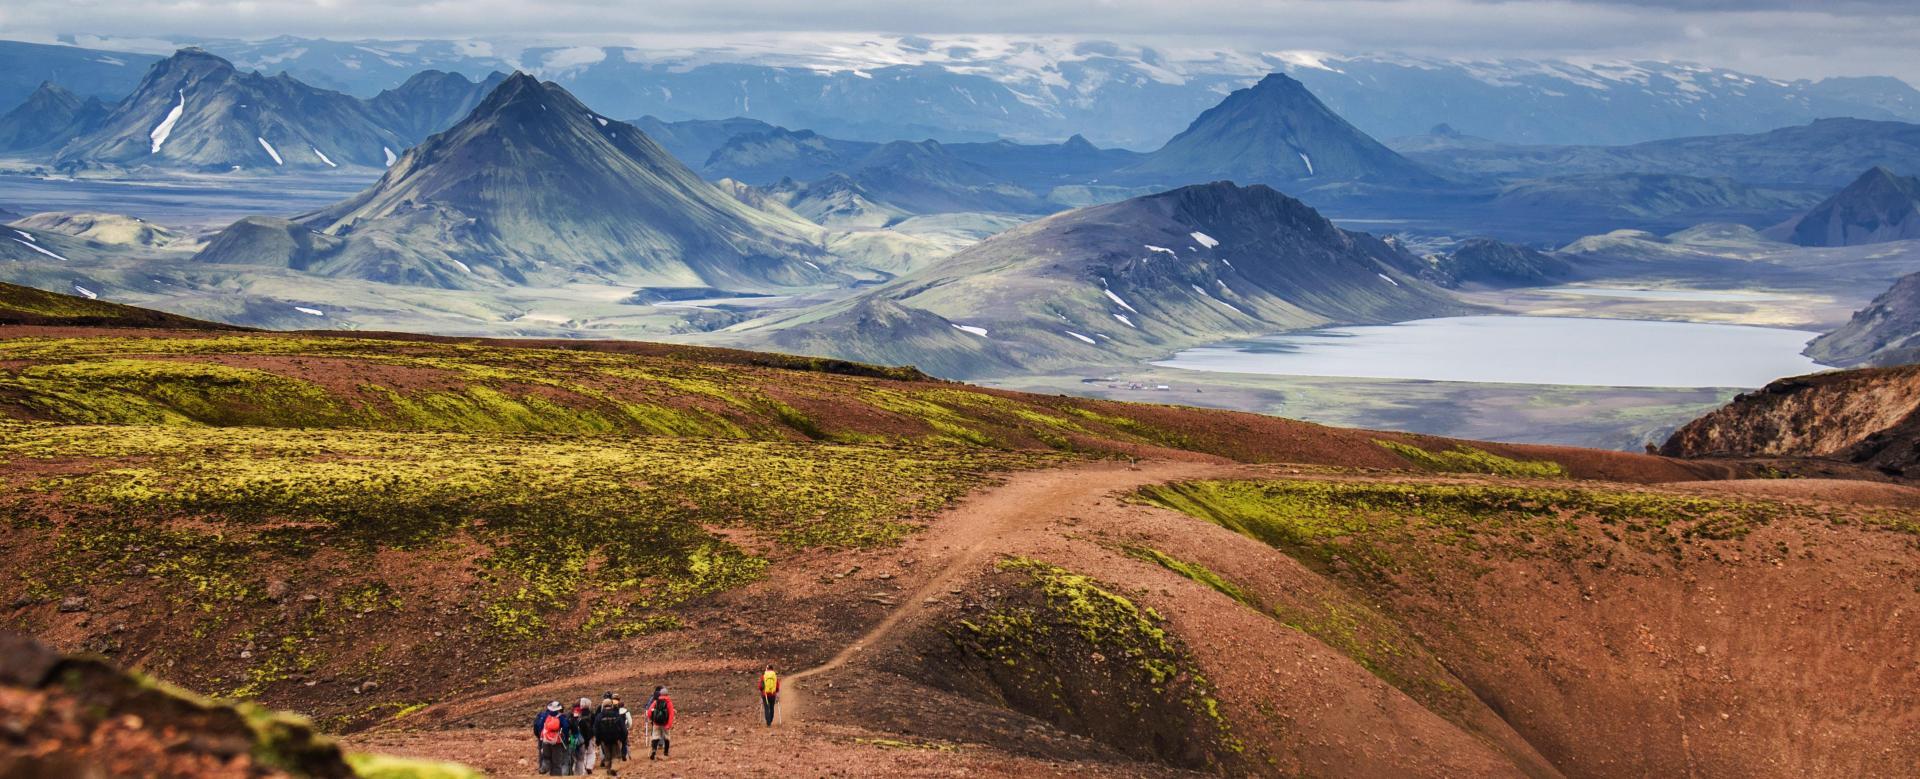 Voyage à pied : Le trek du laugavegur